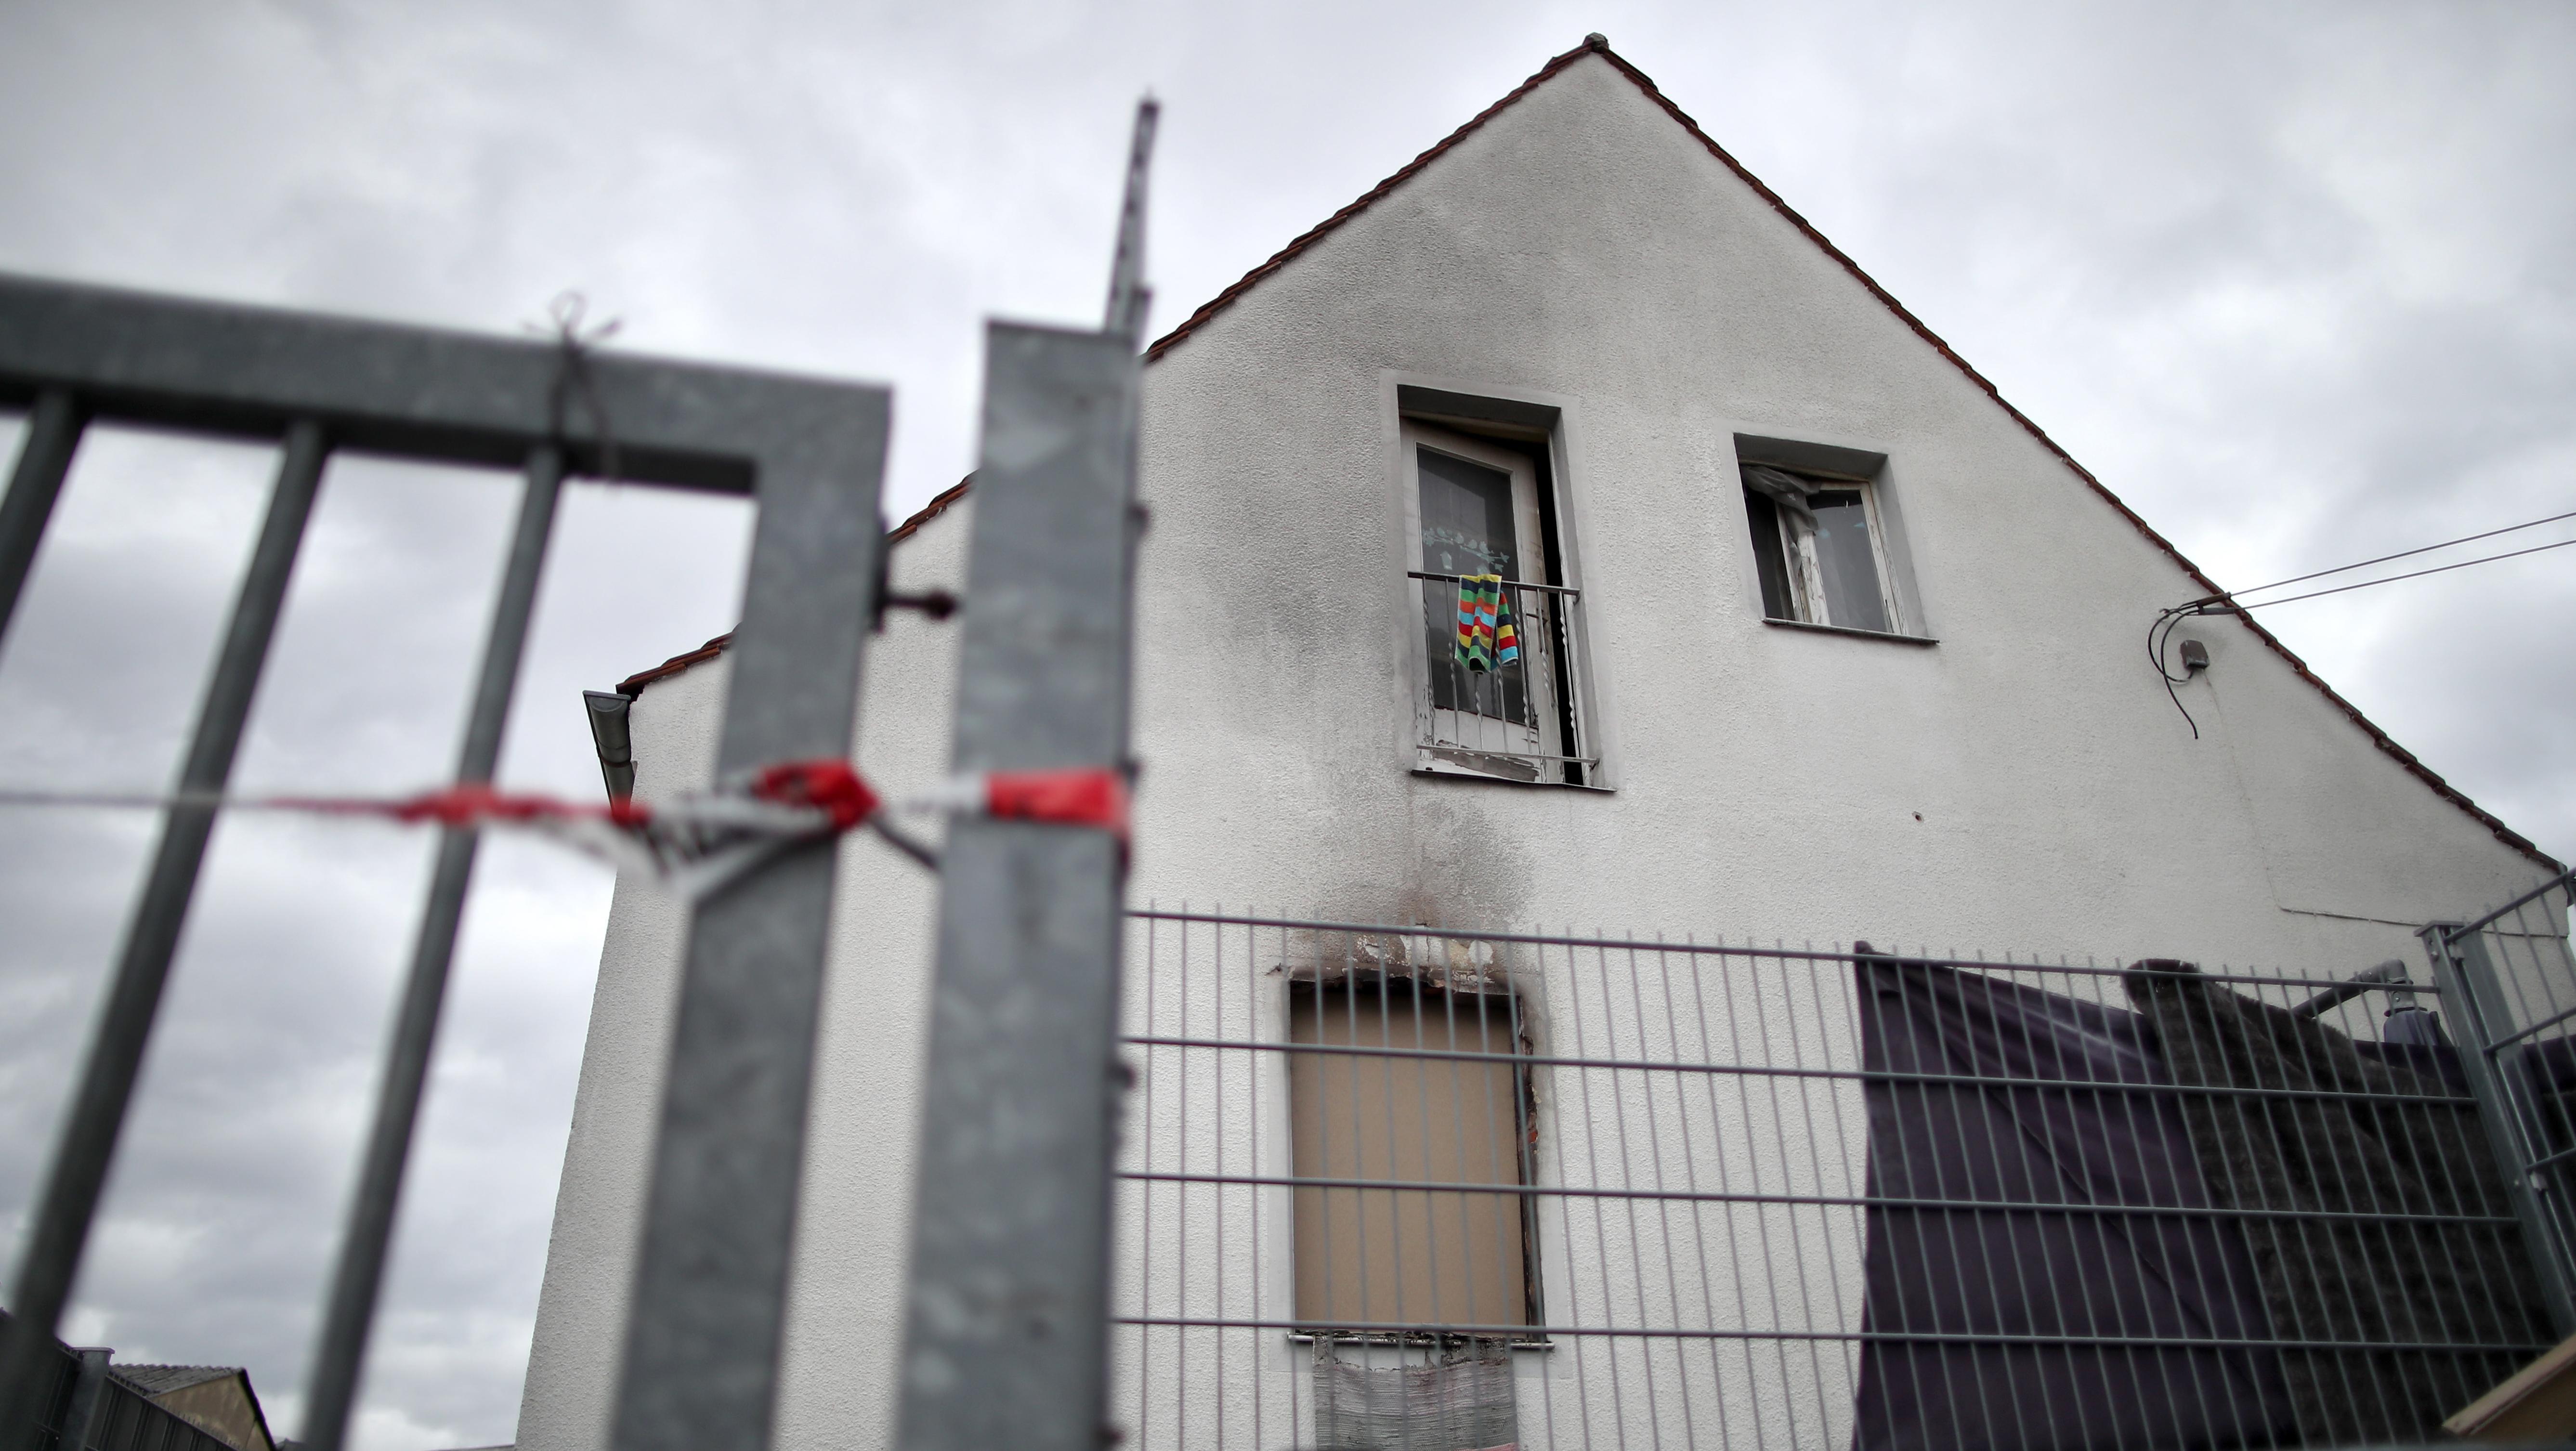 Brandspuren an dem Haus in Nürnberg, in dem eine Mutter und ihre vier Kinder starben